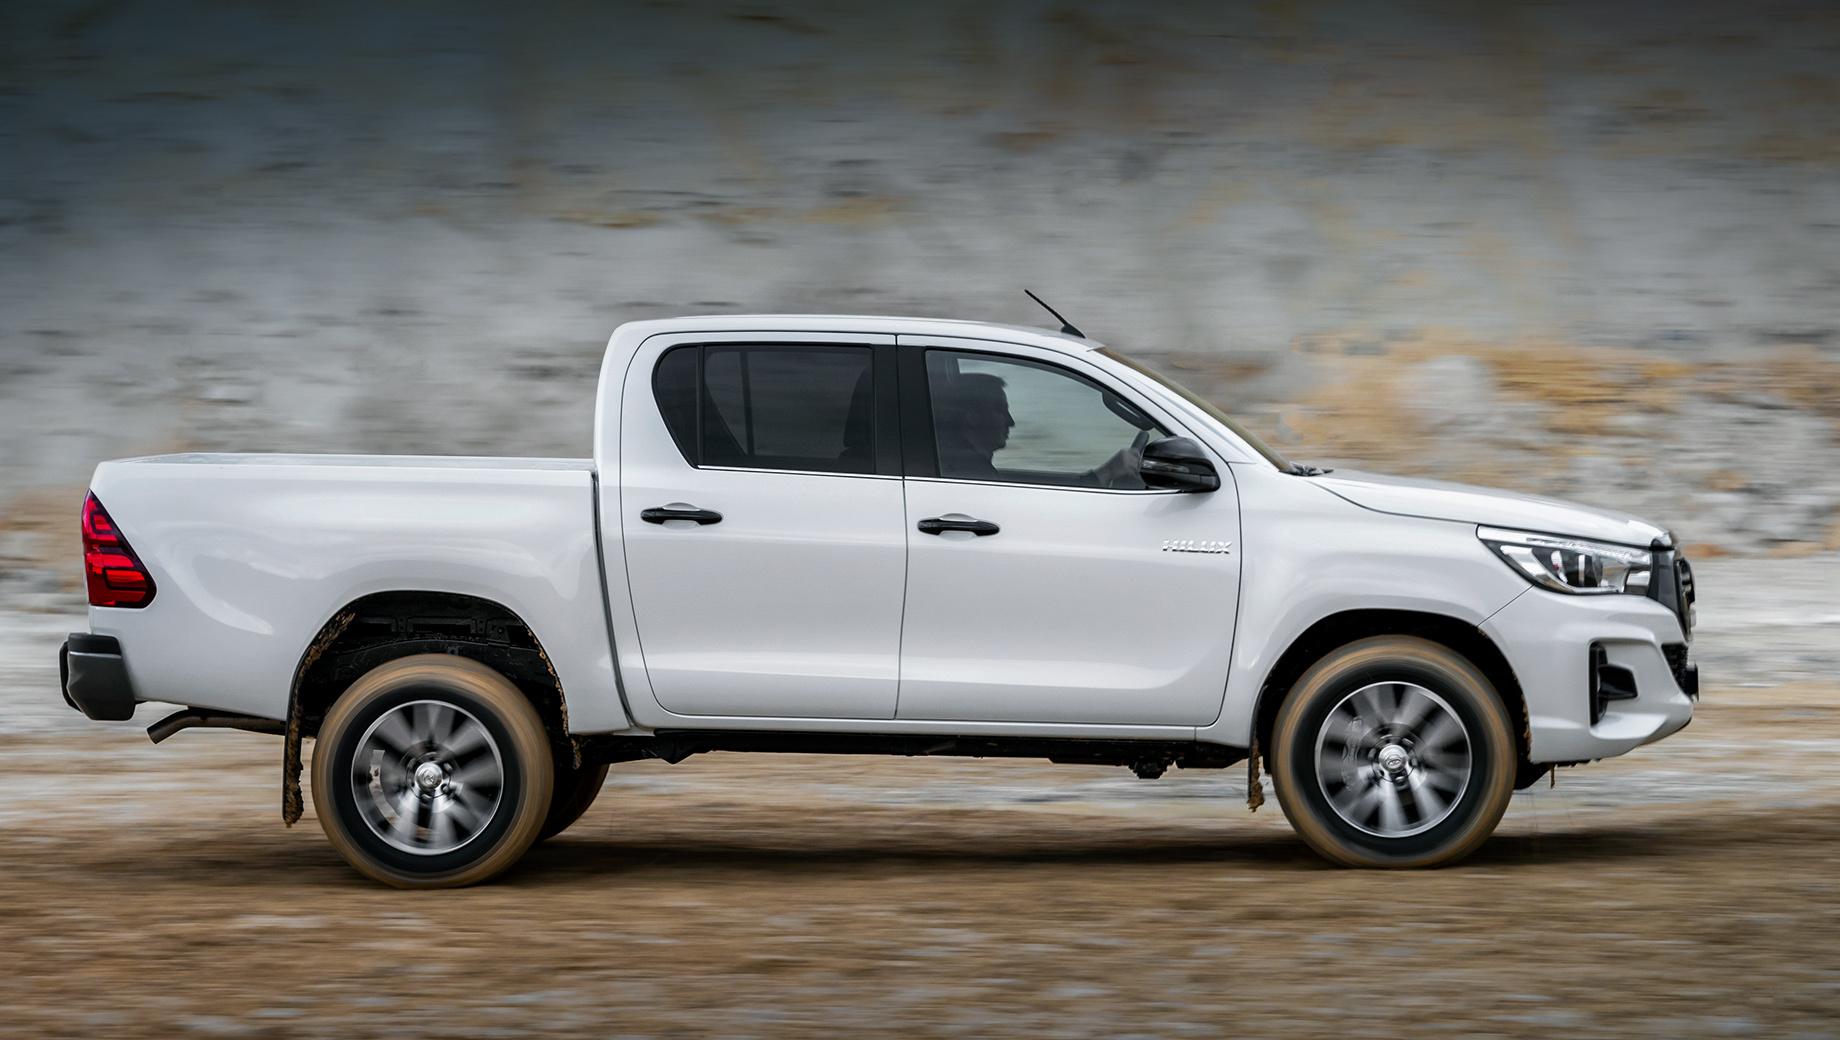 Toyota hilux. Hilux у российских покупателей на хорошем счету. В 2019 году утилитарная Toyota заняла по продажам второе место с результатом 3180 машин (впереди — менее дорогой УАЗ Пикап, 3600 штук). У нас Hilux доступен с двумя дизелями на выбор и по цене от 2 382 000 до 2 947 000 рублей.